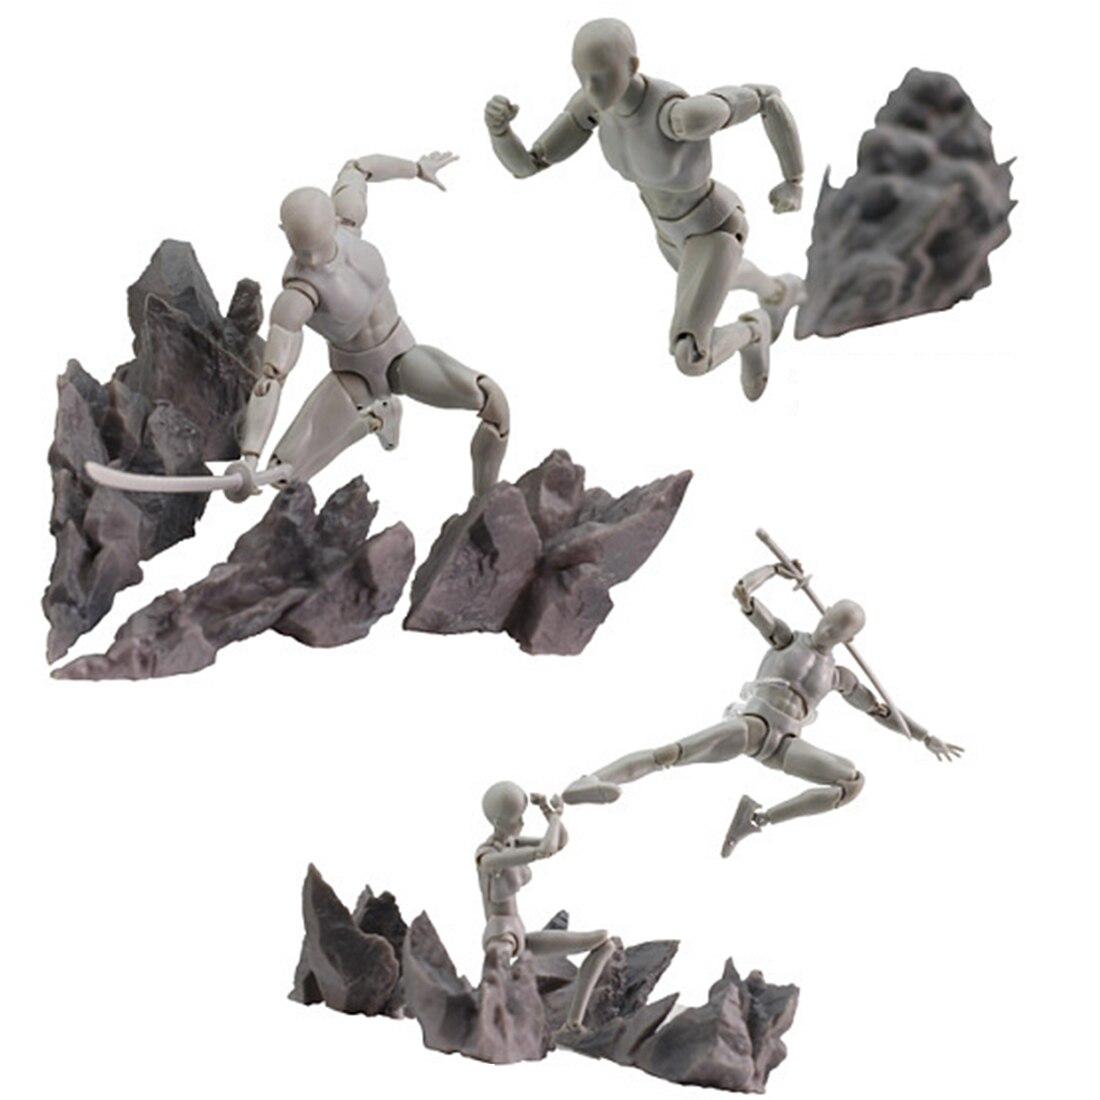 Modelo de roca de decoración de efecto de piedra rota para modelo de escala General DIY arte de pared salchicha perro cachorro perro sin marco reloj gigante de pared con efecto espejo perro salchicha grande Reloj de pared reloj